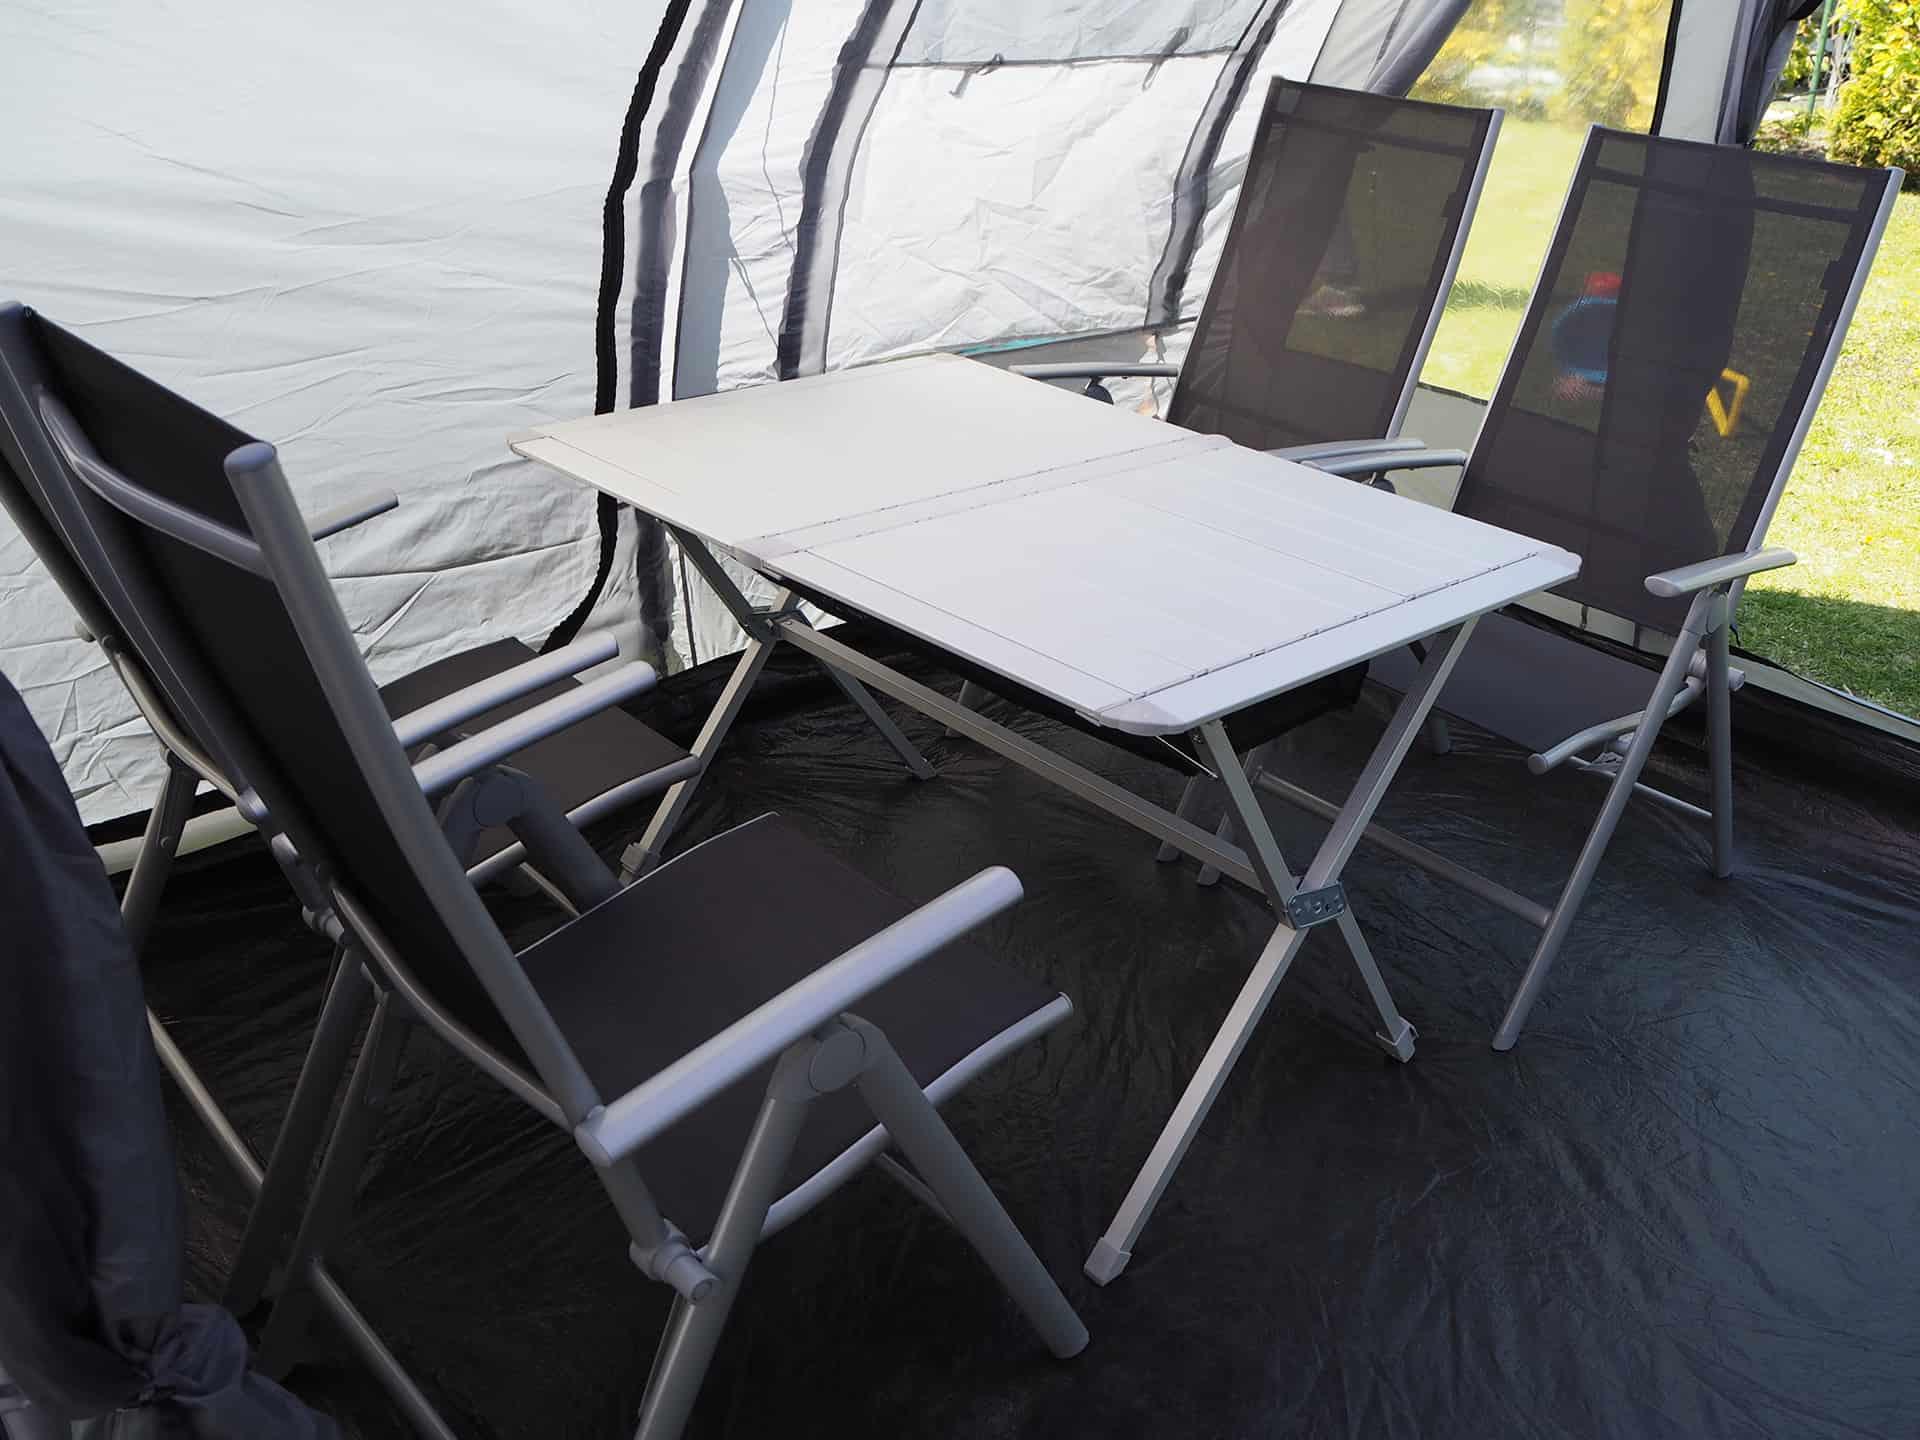 Berger Campingtisch mit Platz für 4 Personen